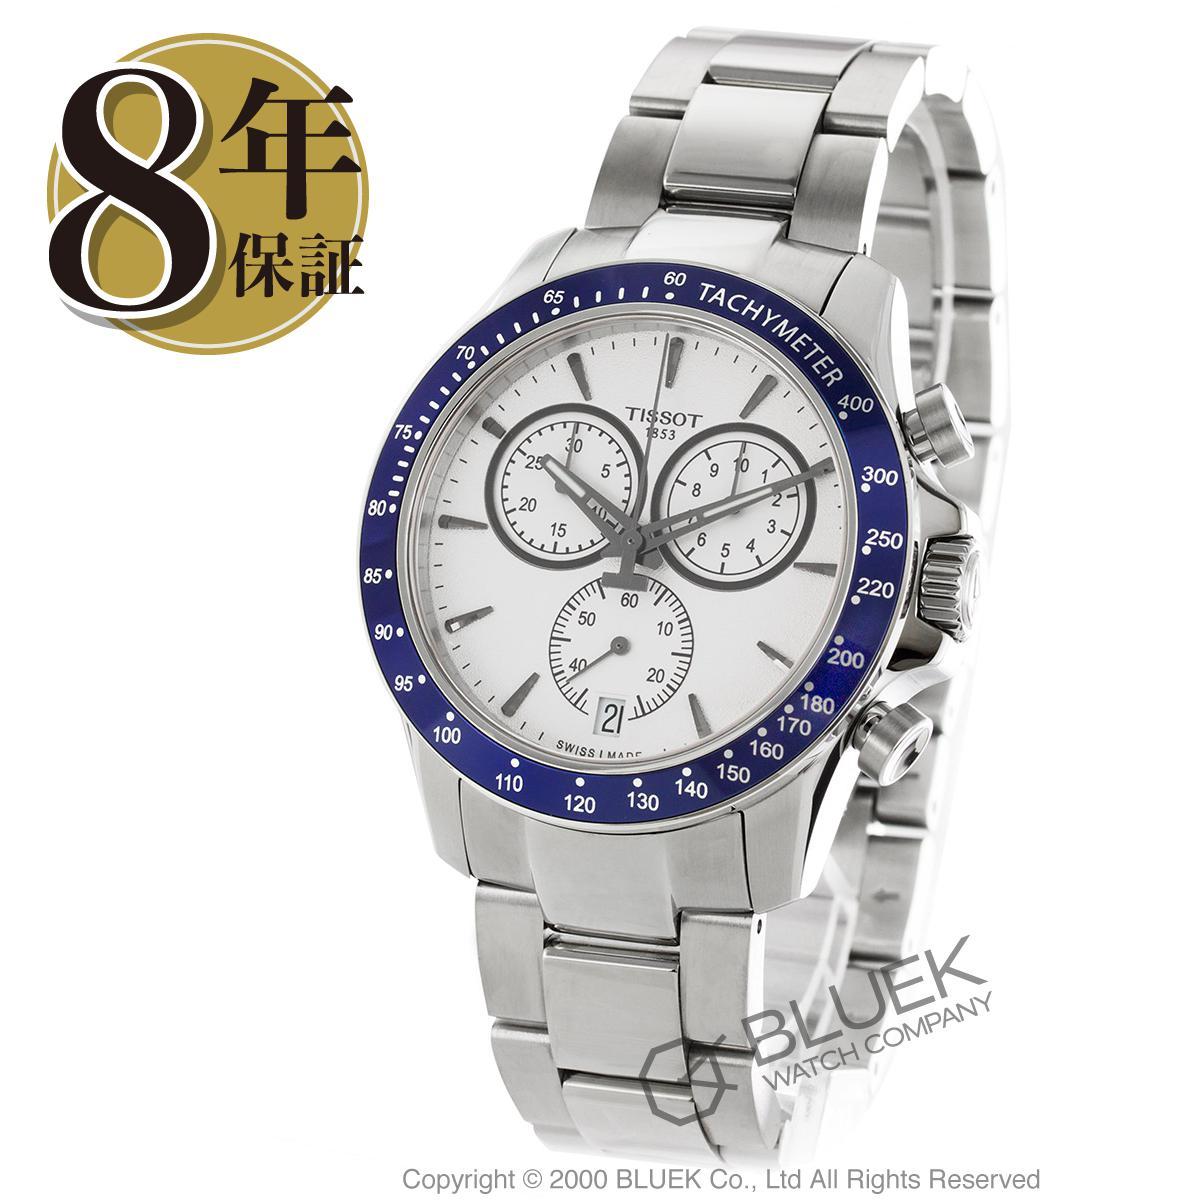 ティソ T-スポーツ V8 クロノグラフ 腕時計 メンズ TISSOT T106.417.11.031.00_8